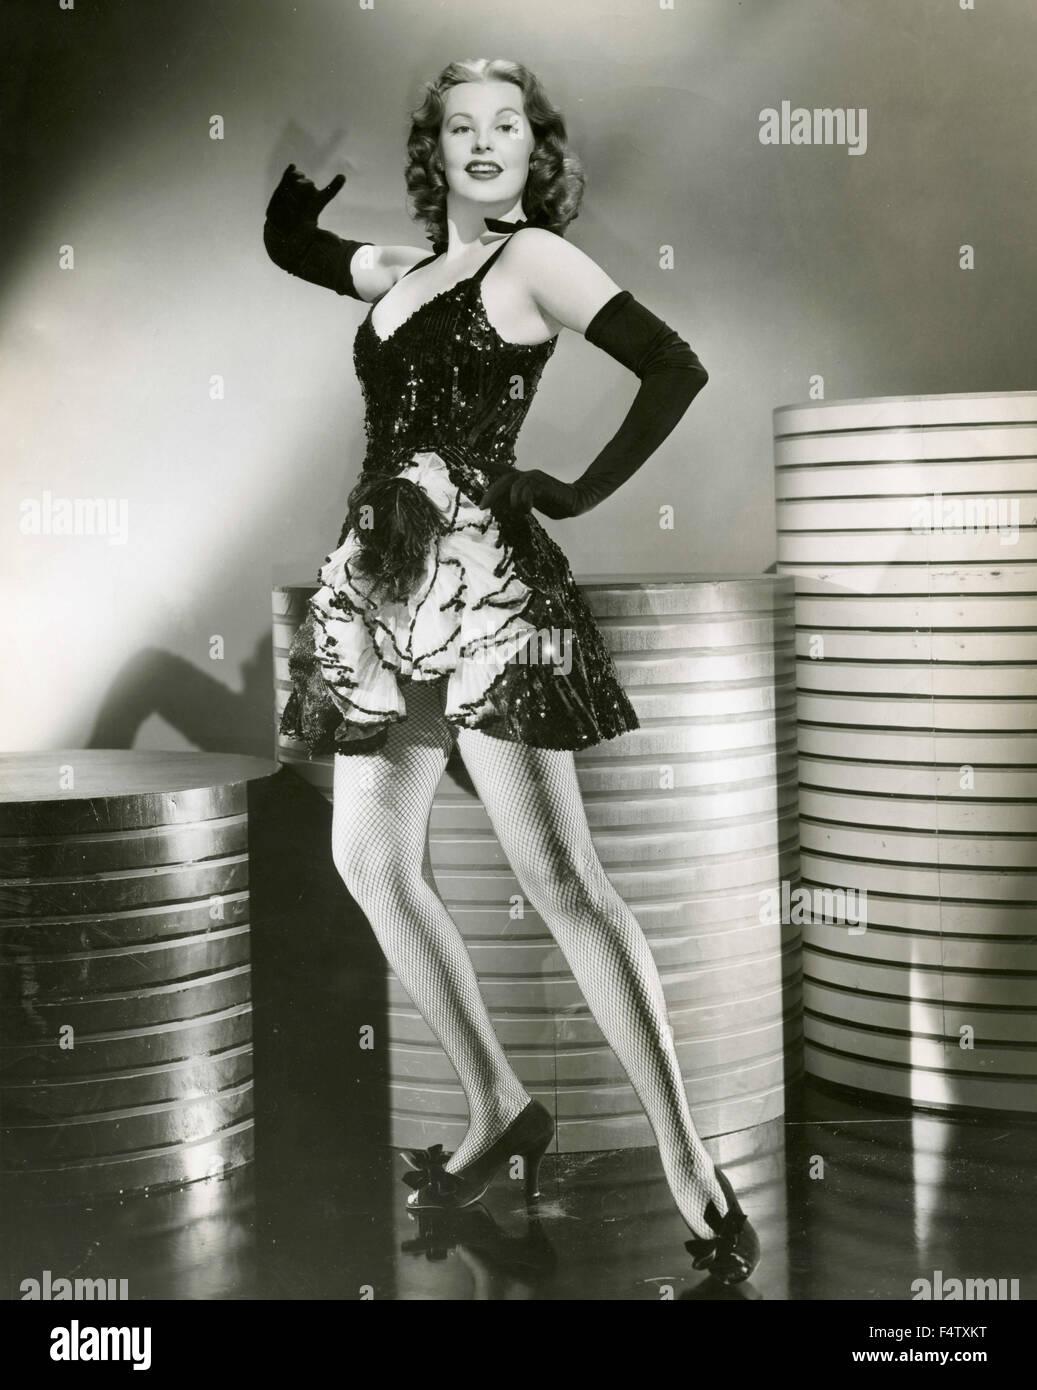 Un modelo luce una larga guantes negros elegante vestido corto con lentejuelas Imagen De Stock